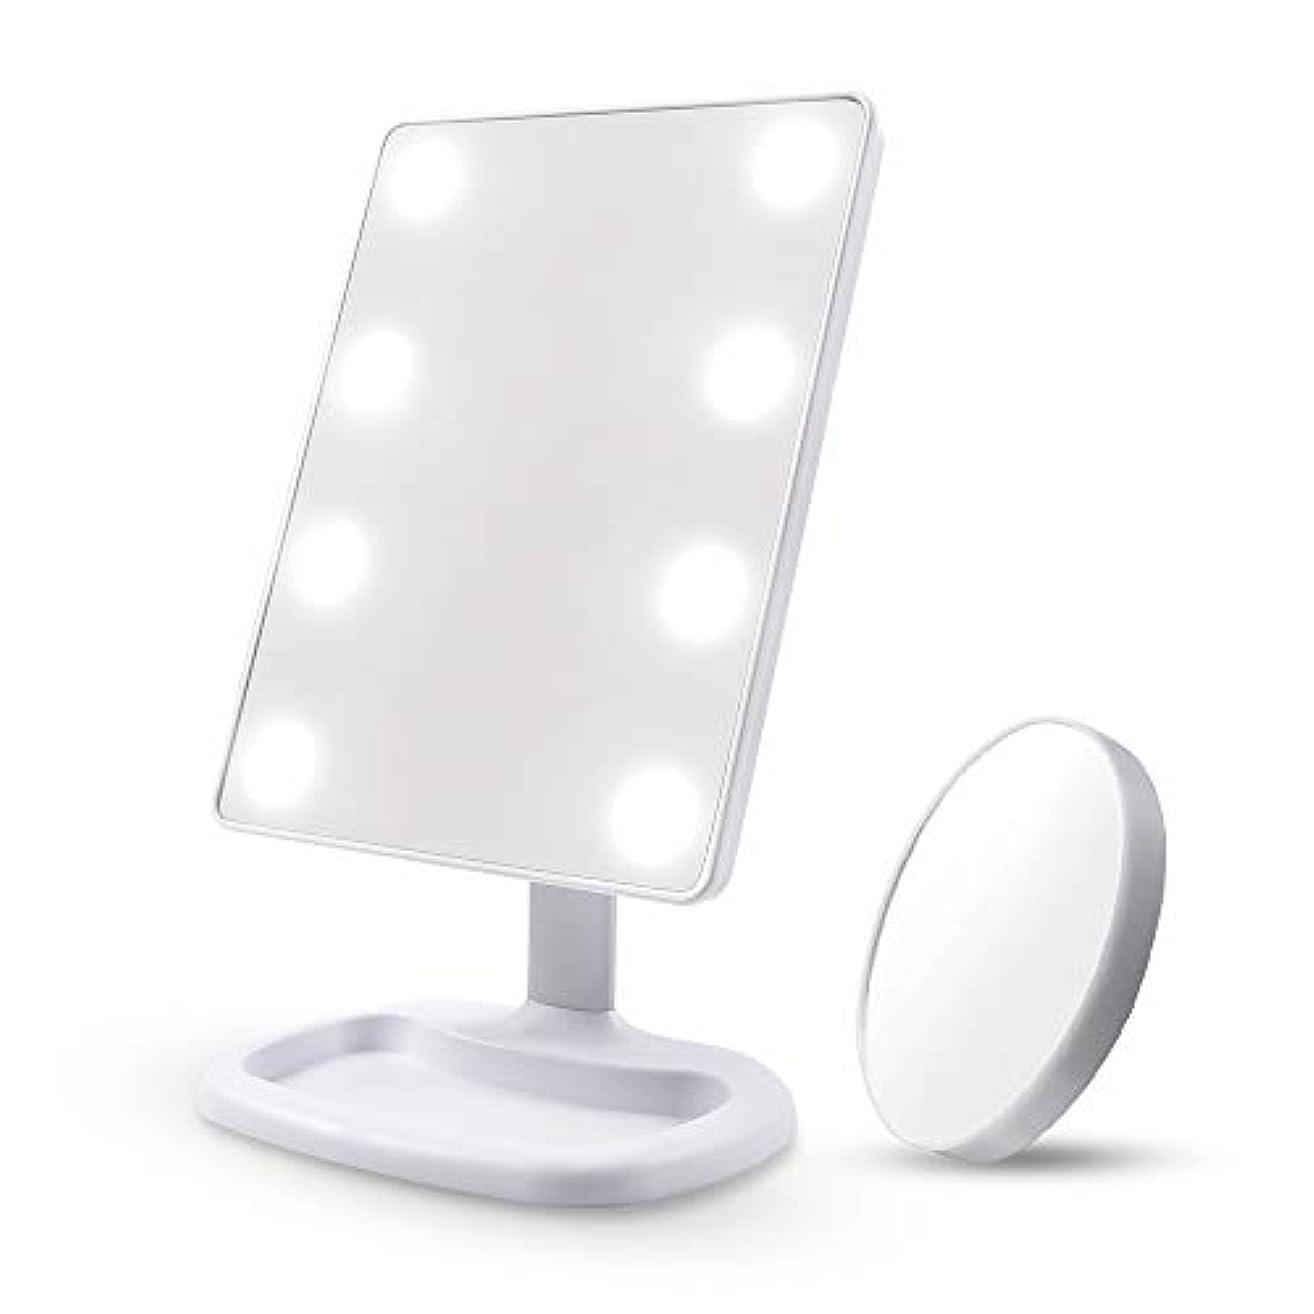 標準行く会員Diolan 化粧鏡 女優ミラー 8個大きのLED付き 角度調節可能 10倍拡大鏡付き